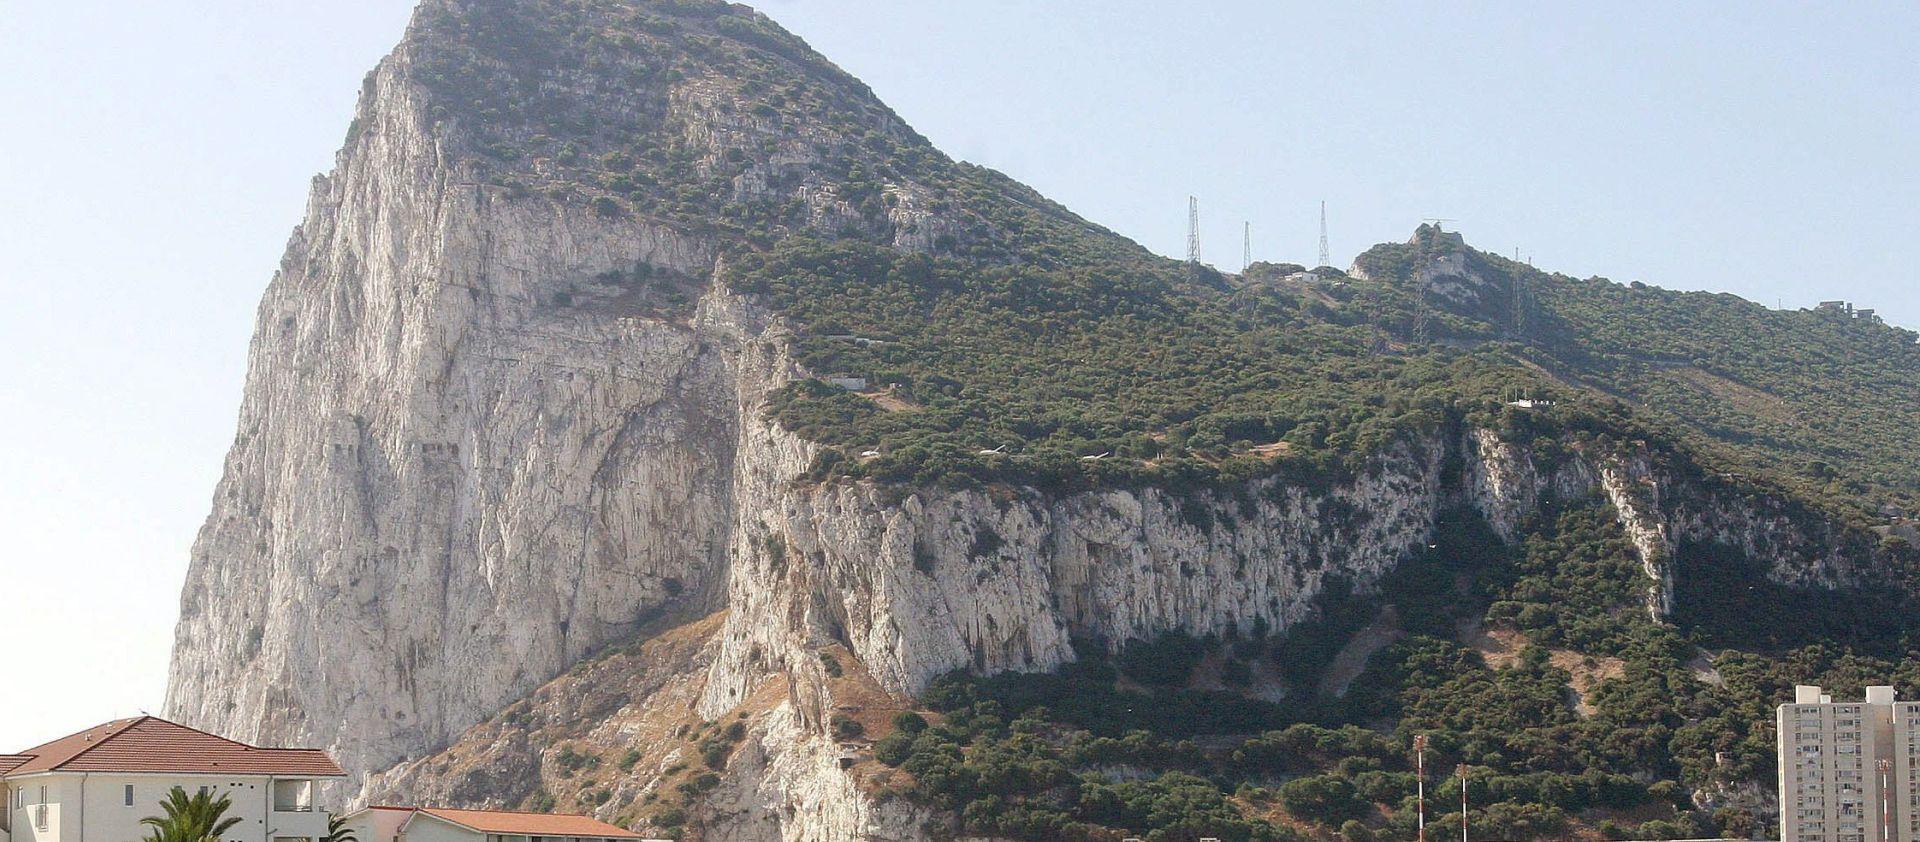 Britanija će pričekati konačne smjernice EU-a glede Gibraltara